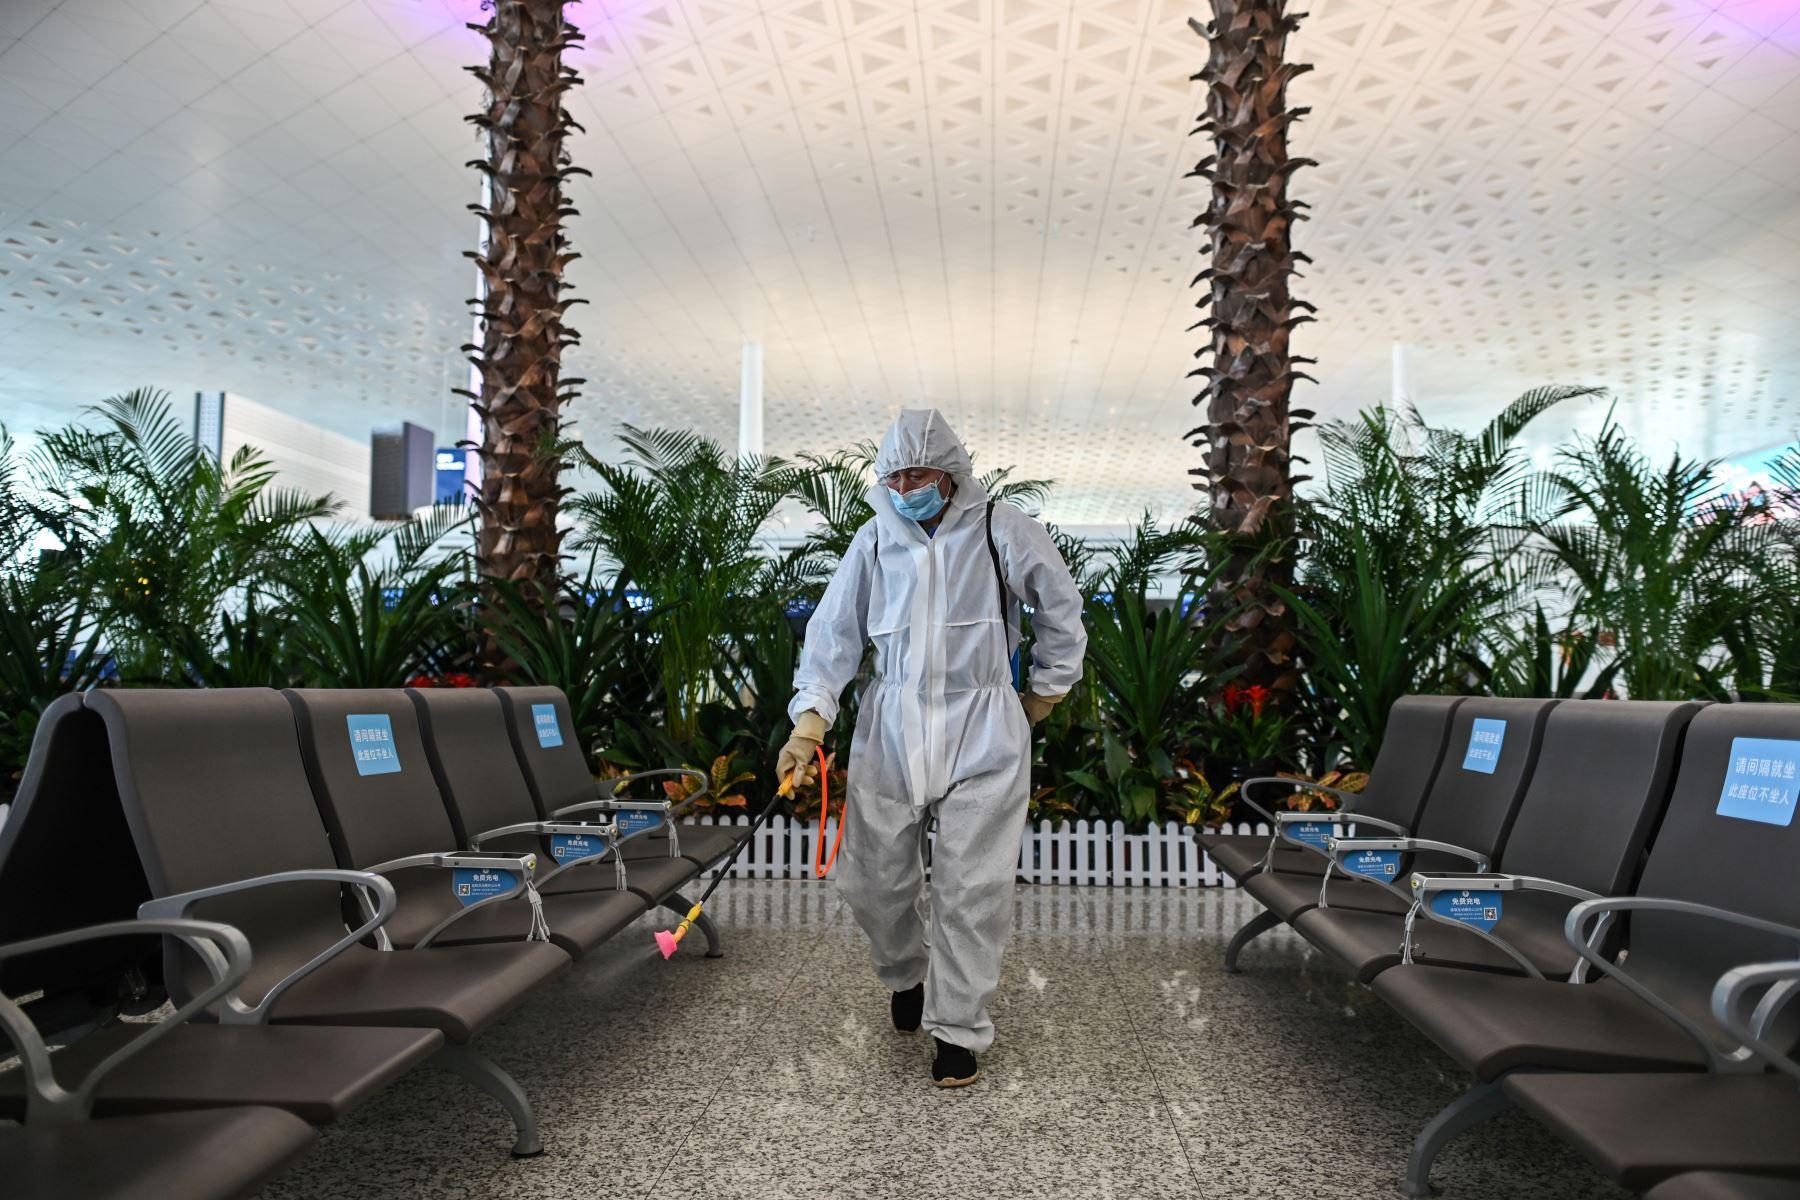 Un trabajador que usa equipo de protección rocía desinfectante en el aeropuerto de Tianhe después de su reapertura hoy, en Wuhan. Foto: AFP